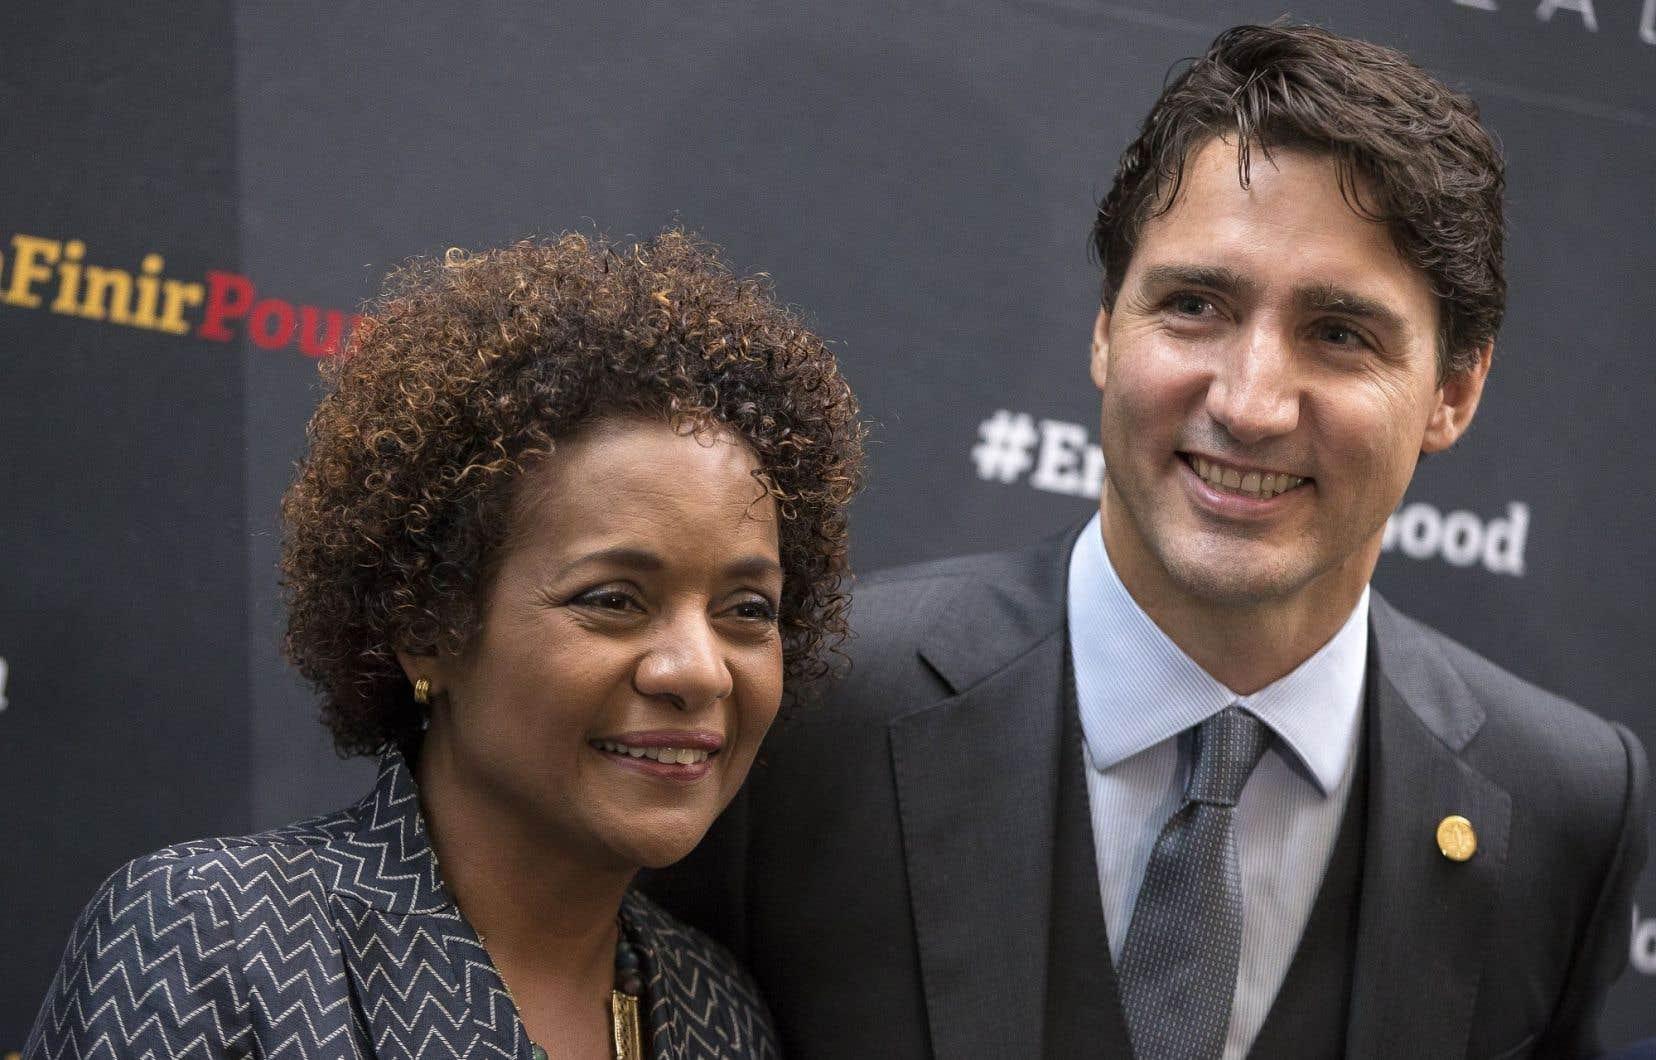 Le premier ministre Justin Trudeau, ici aux côtés de la secrétaire générale de la Francophonie, Michaëlle Jean, a déposé officiellement la candidature de l'Ontario au poste d'observateur de l'Organisation internationale de la Francophonie (OIF).